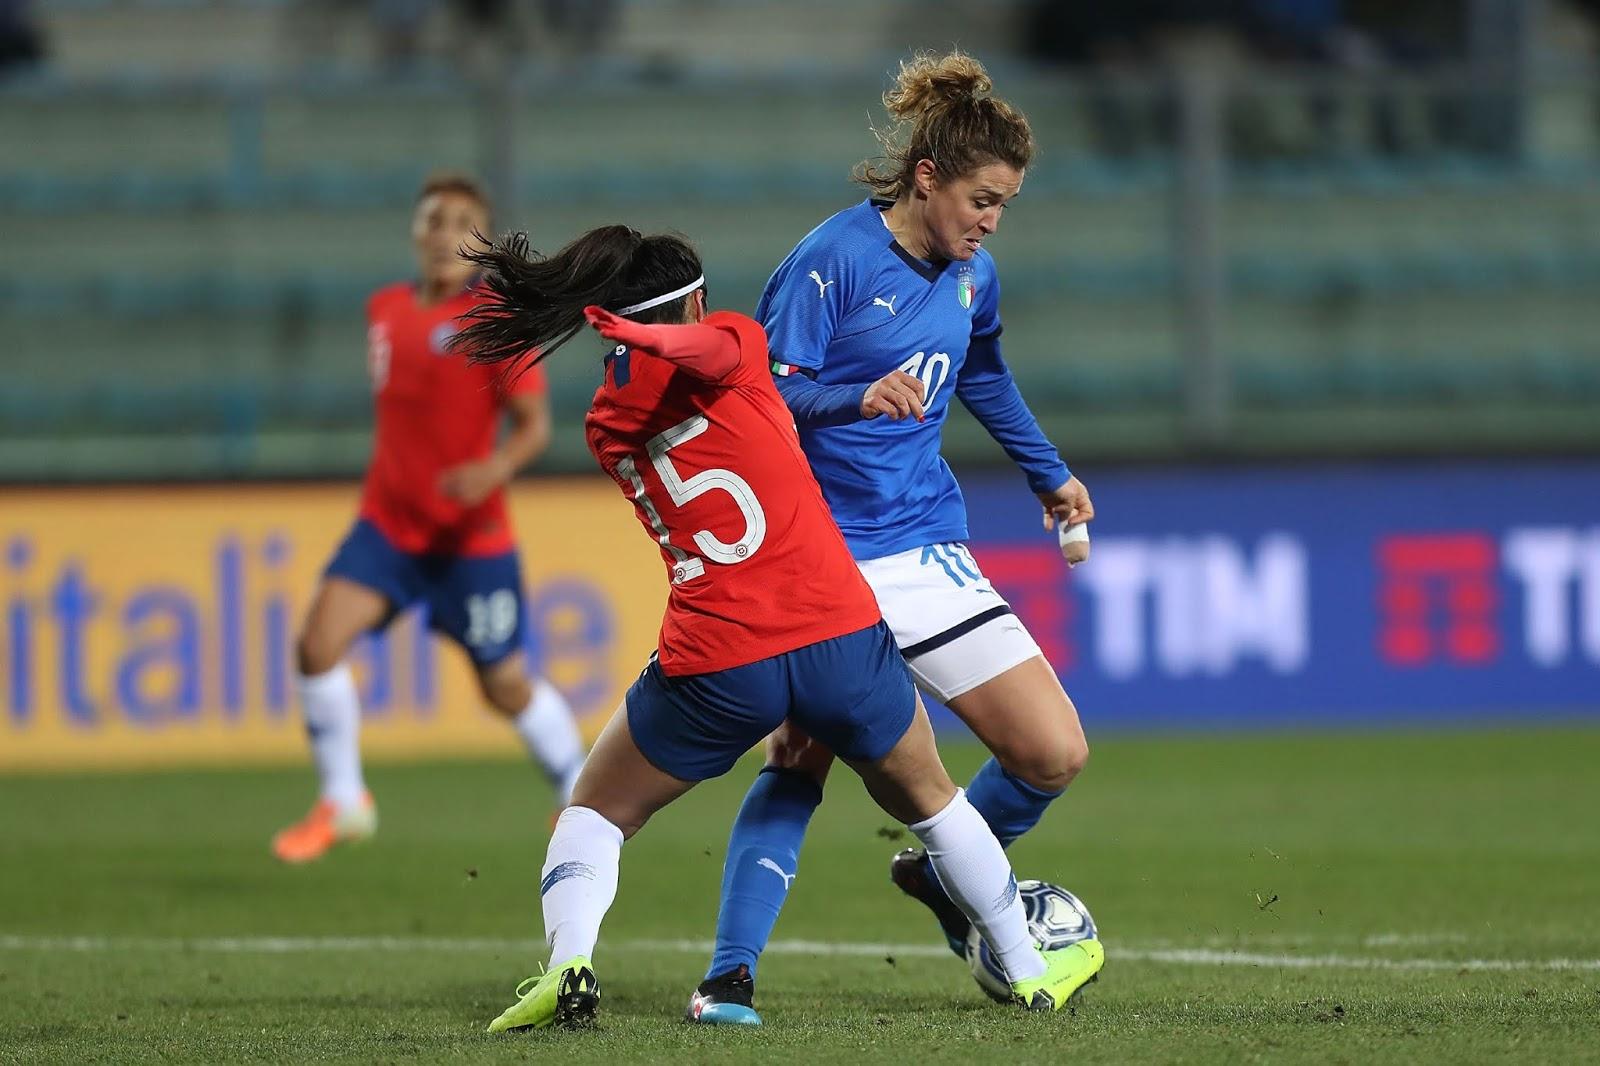 Italia y Chile en partido amistoso femenino, 18 de enero de 2019